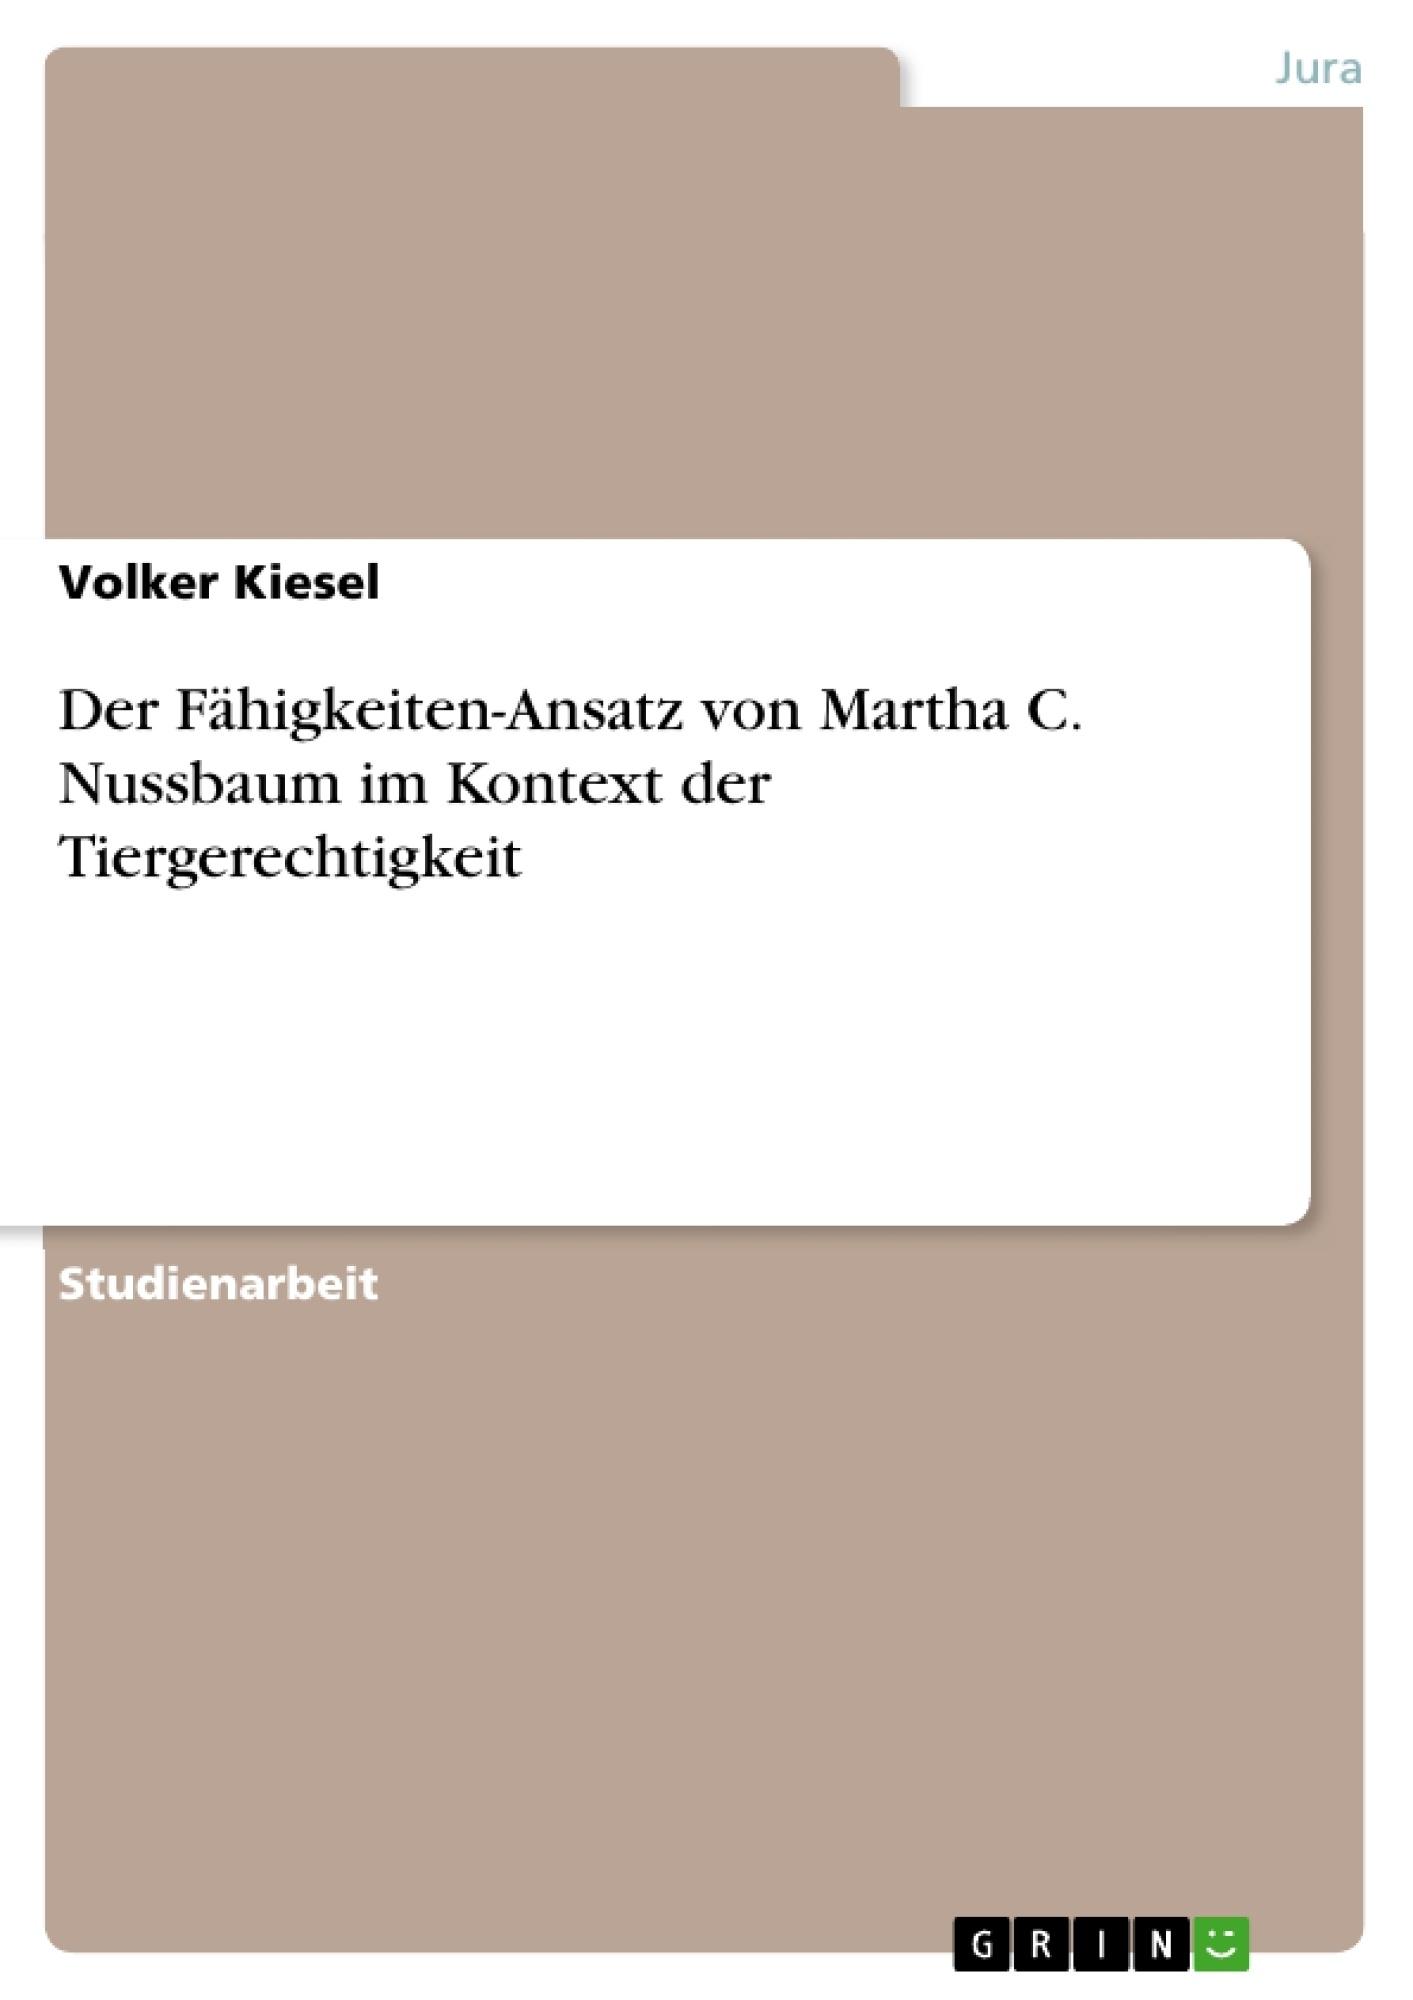 Titel: Der Fähigkeiten-Ansatz von Martha C. Nussbaum im Kontext der Tiergerechtigkeit